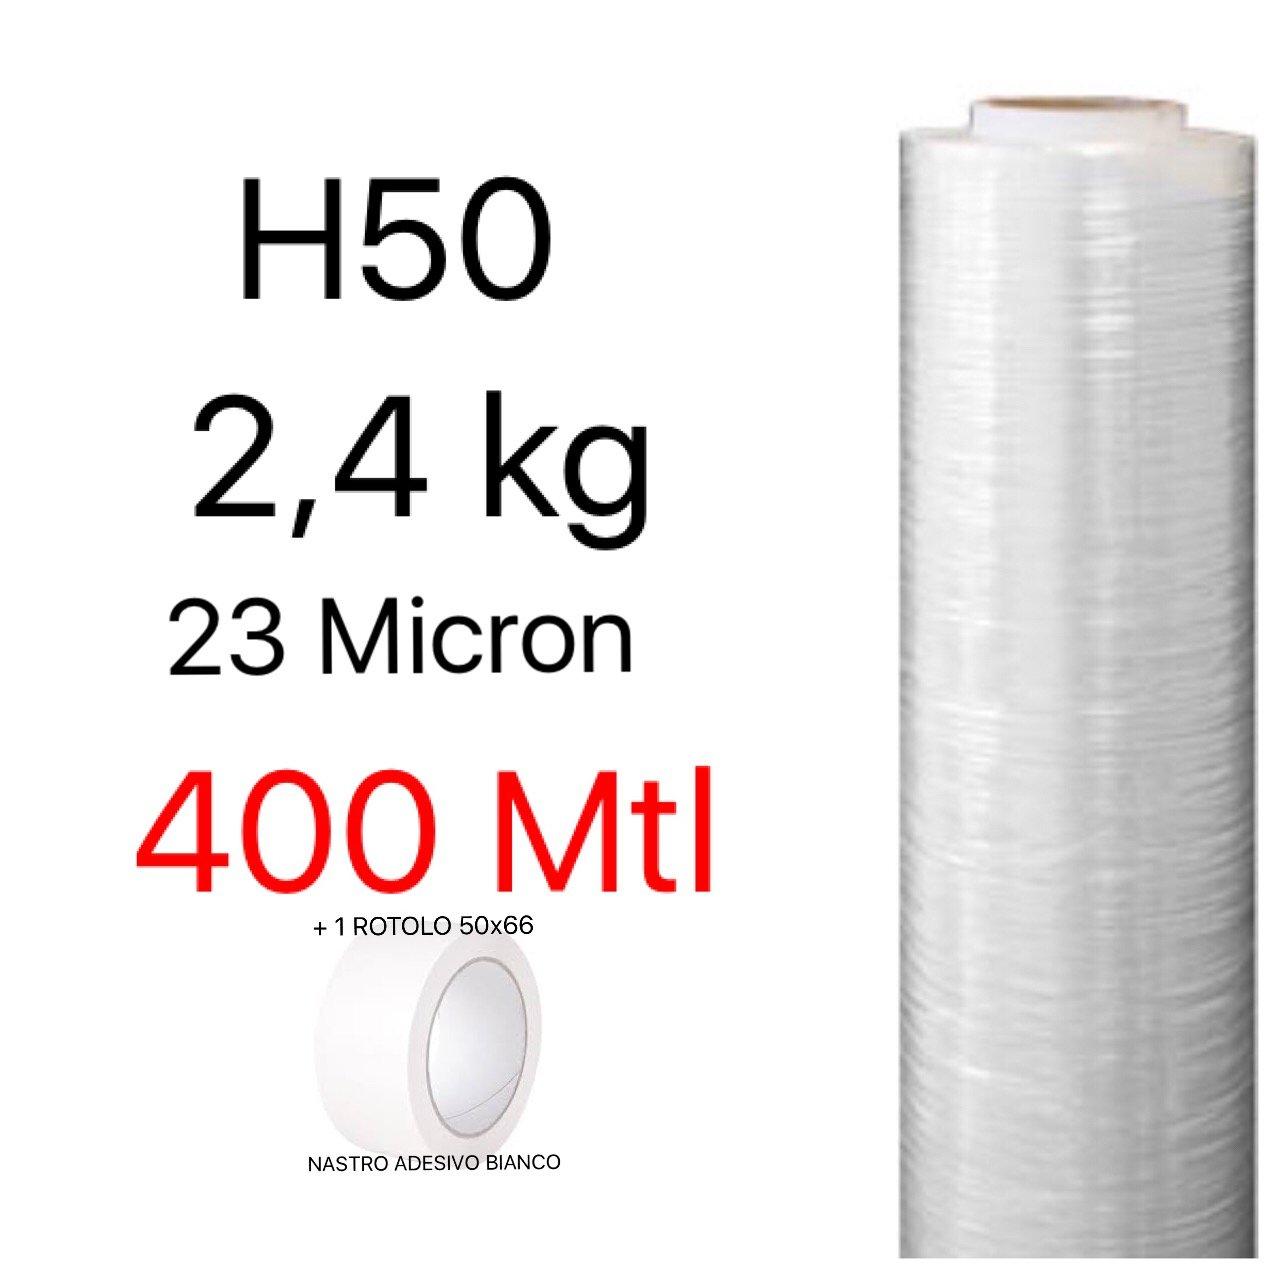 Pellicola Film in Polietilene per Imballo Imballaggi H 50 cm in Rotolo da 400 mtl spessore 23 micron peso 2, 4 kg+NASTRO ADESIVO BIANCO 50x66 NP by PD